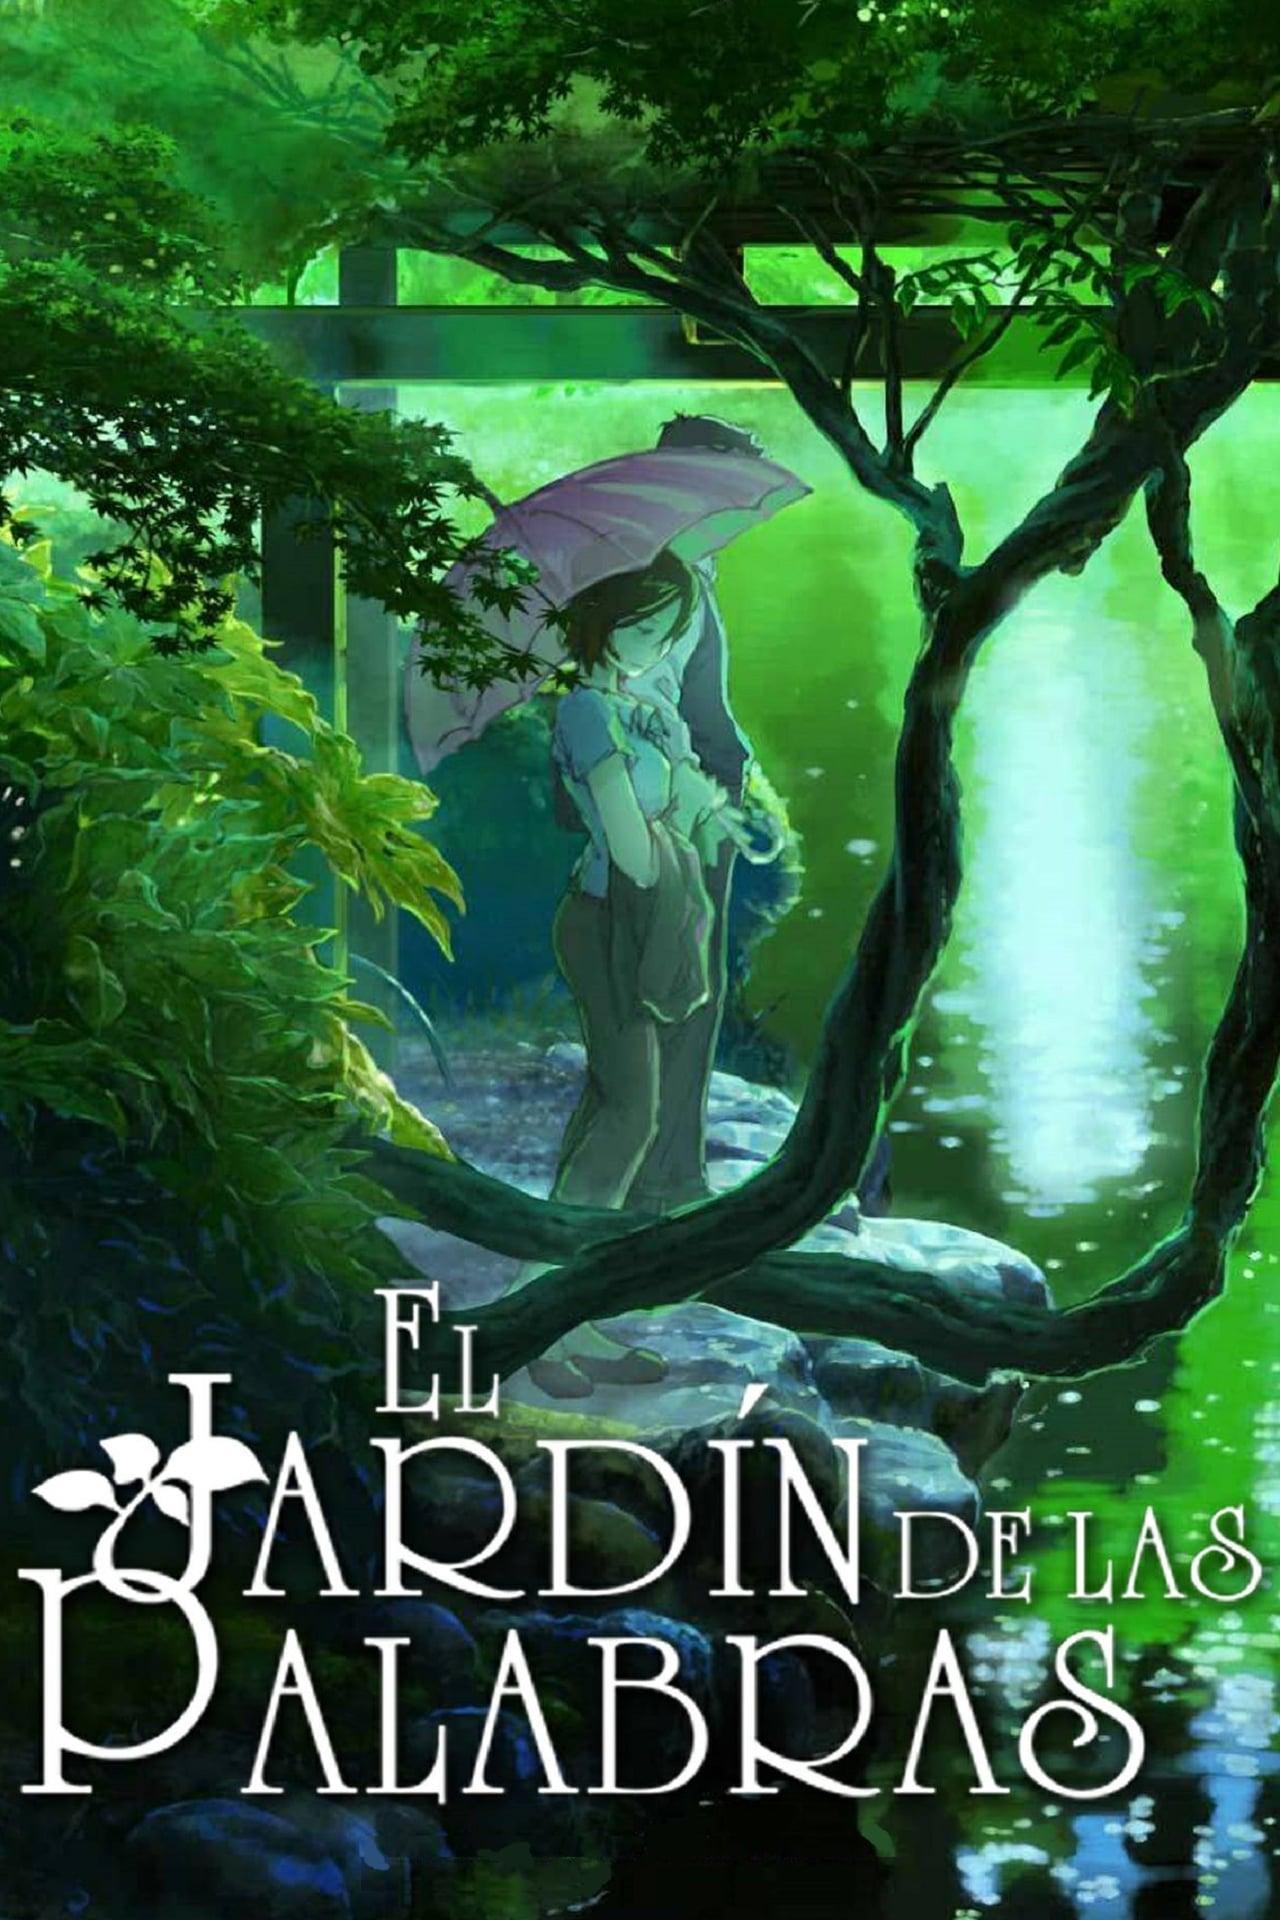 Ver El Jardin De Las Palabras 2013 Online Latino Hd Pelisplus